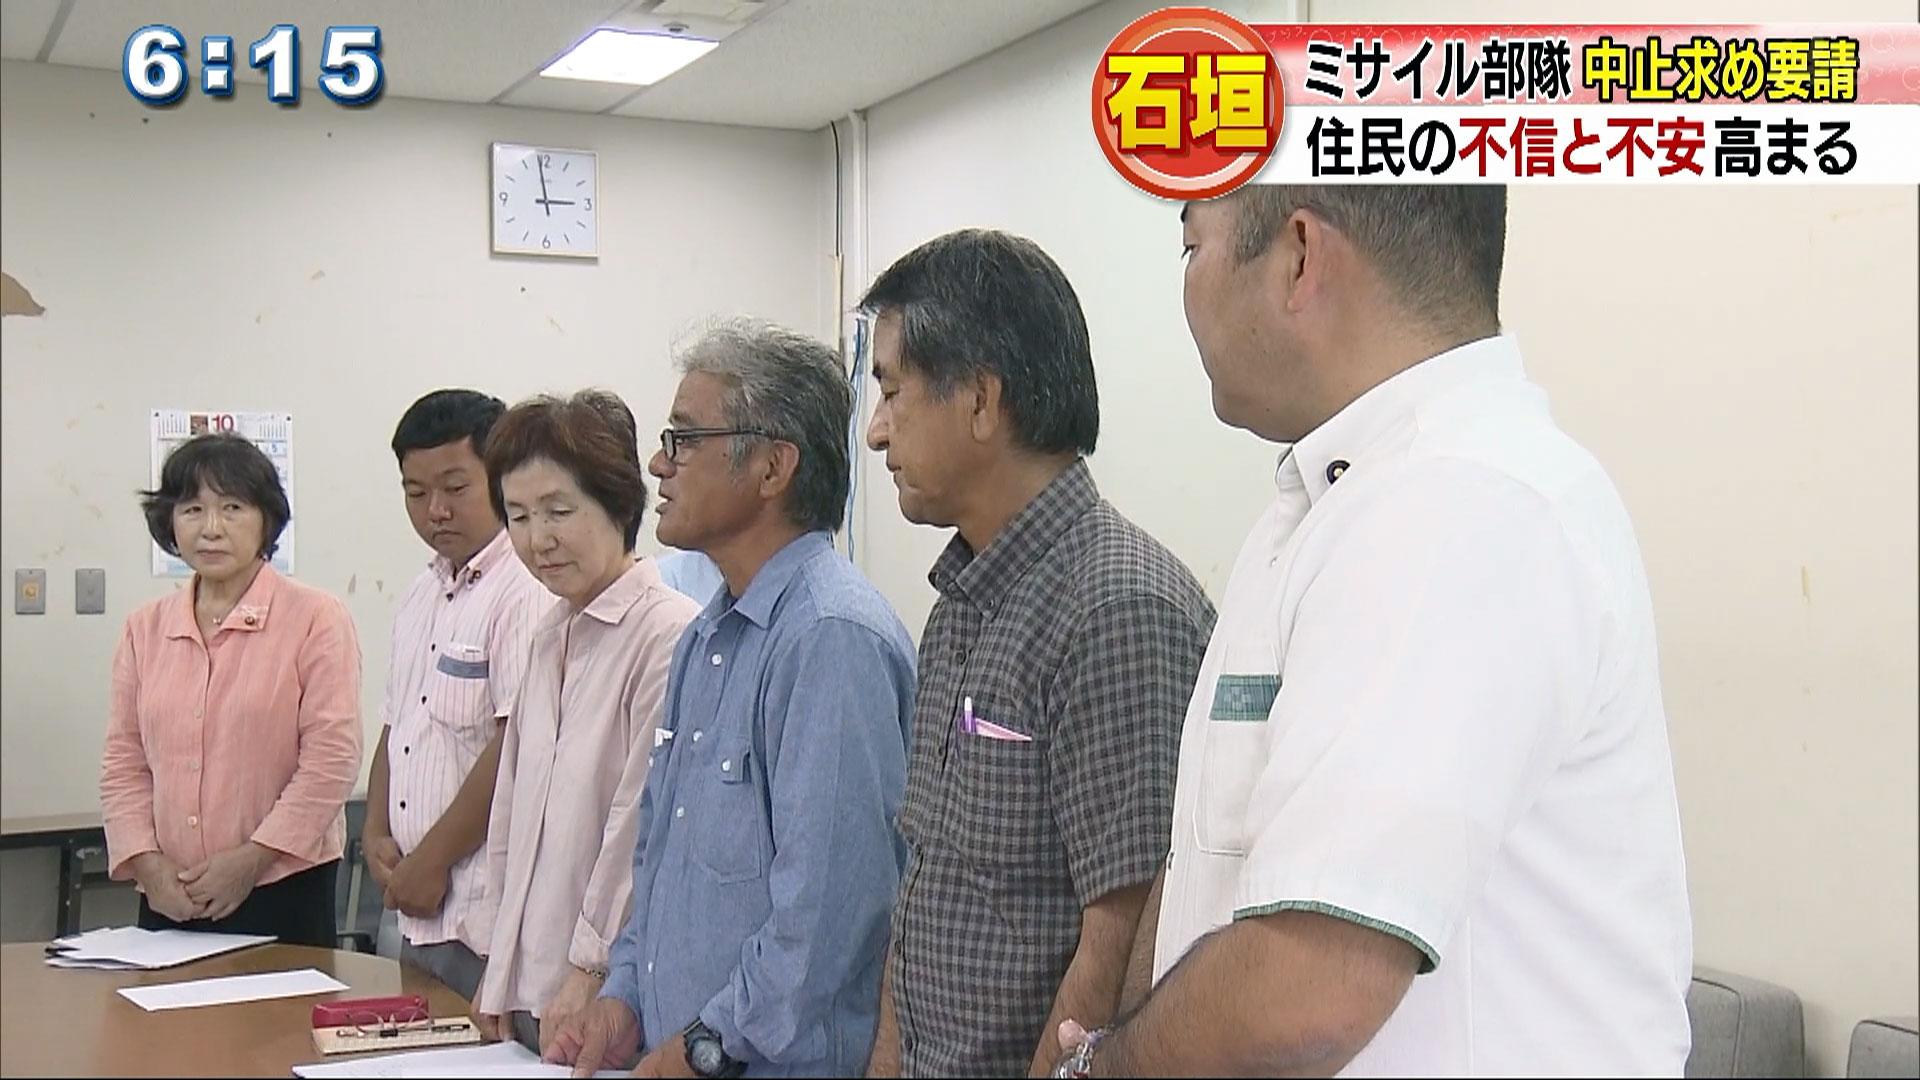 石垣島の陸自配備で工事の中止を県に訴え